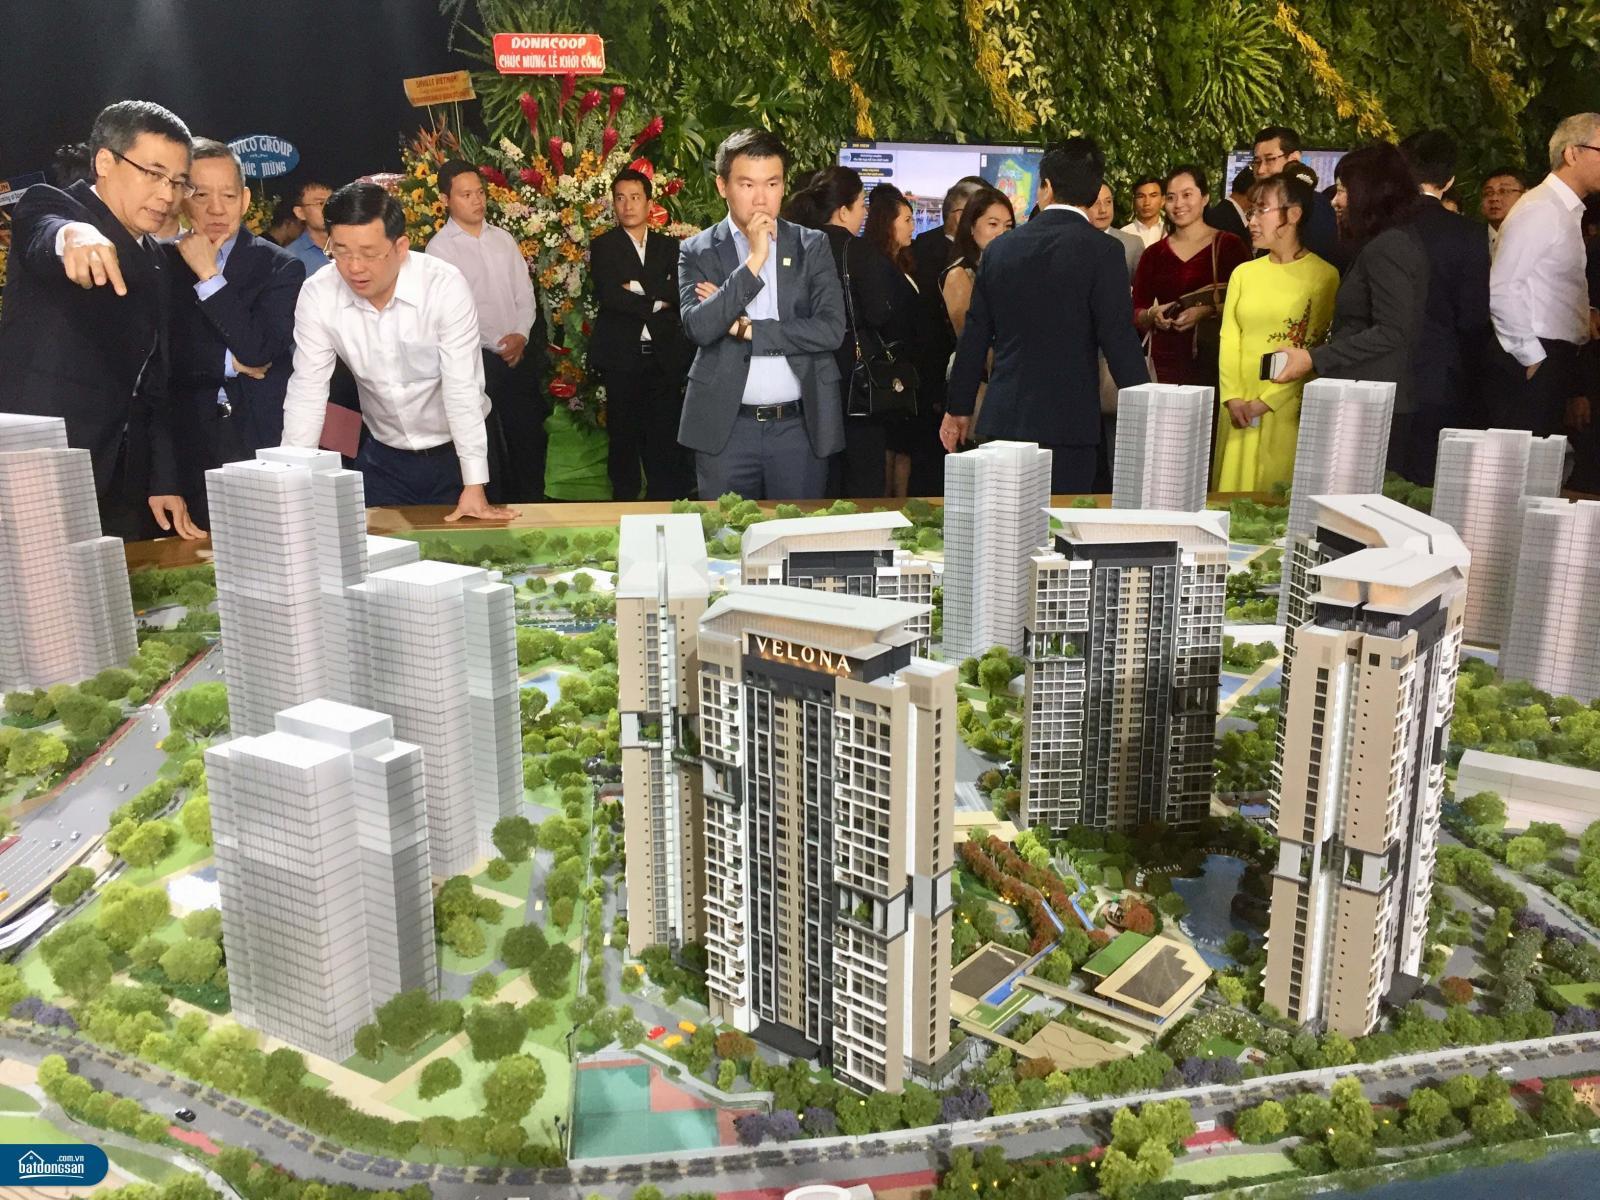 Nhiều người đứng xem sa bàn một dự án bất động sản gồm nhiều tòa nhà cao tầng.